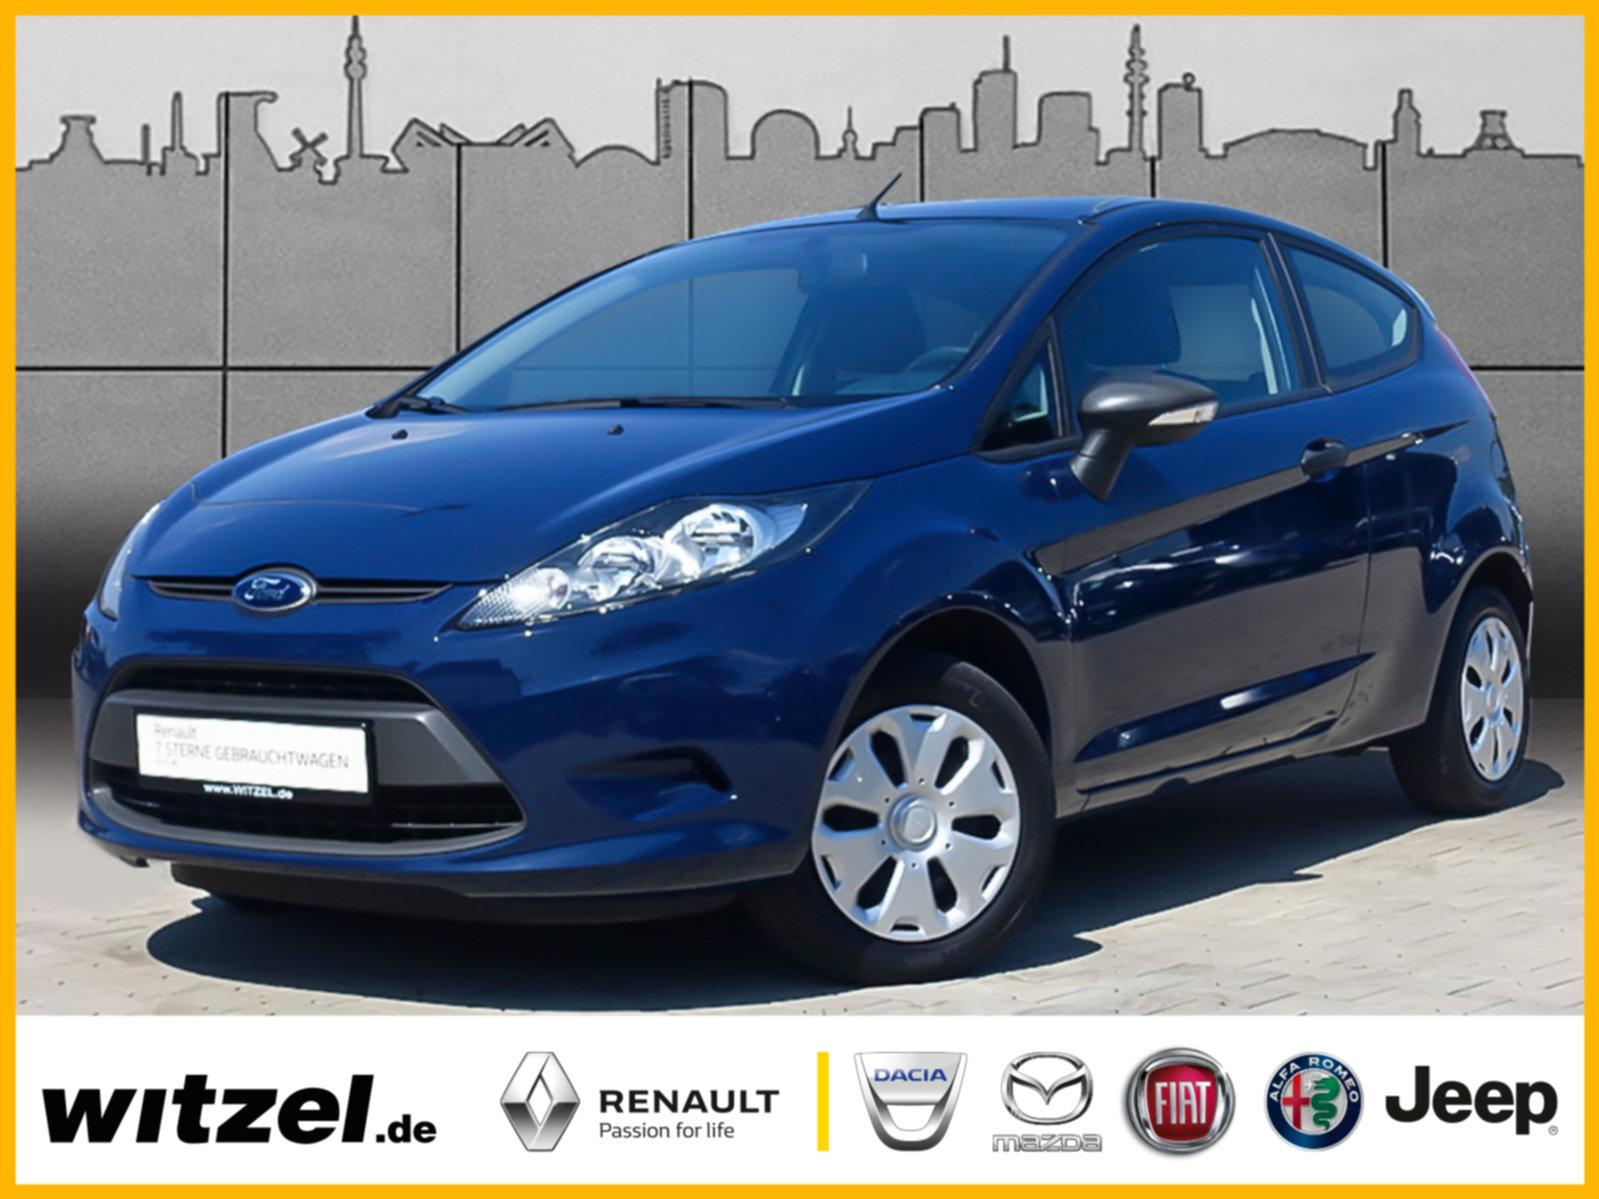 Ford Fiesta 1.25 Ambiente KLIMA ZV SERVO eSPIEGEL ABS, Jahr 2012, petrol